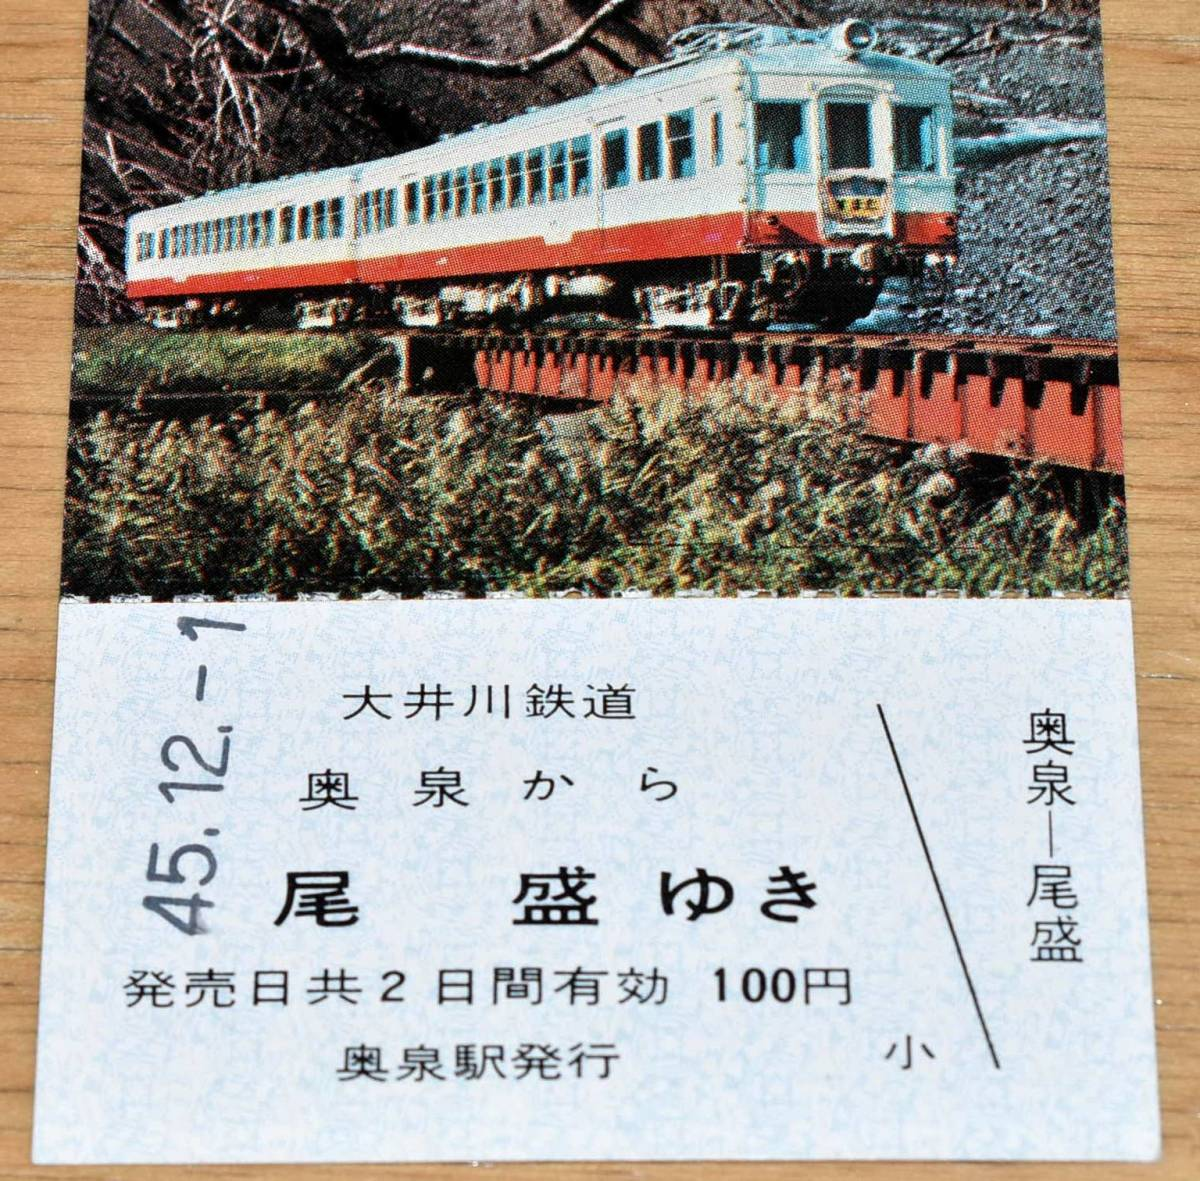 大井川鉄道 急行電車運転開始記念乗車券 1970年(昭和45年)モハ310形 奥泉から尾盛ゆき_画像2